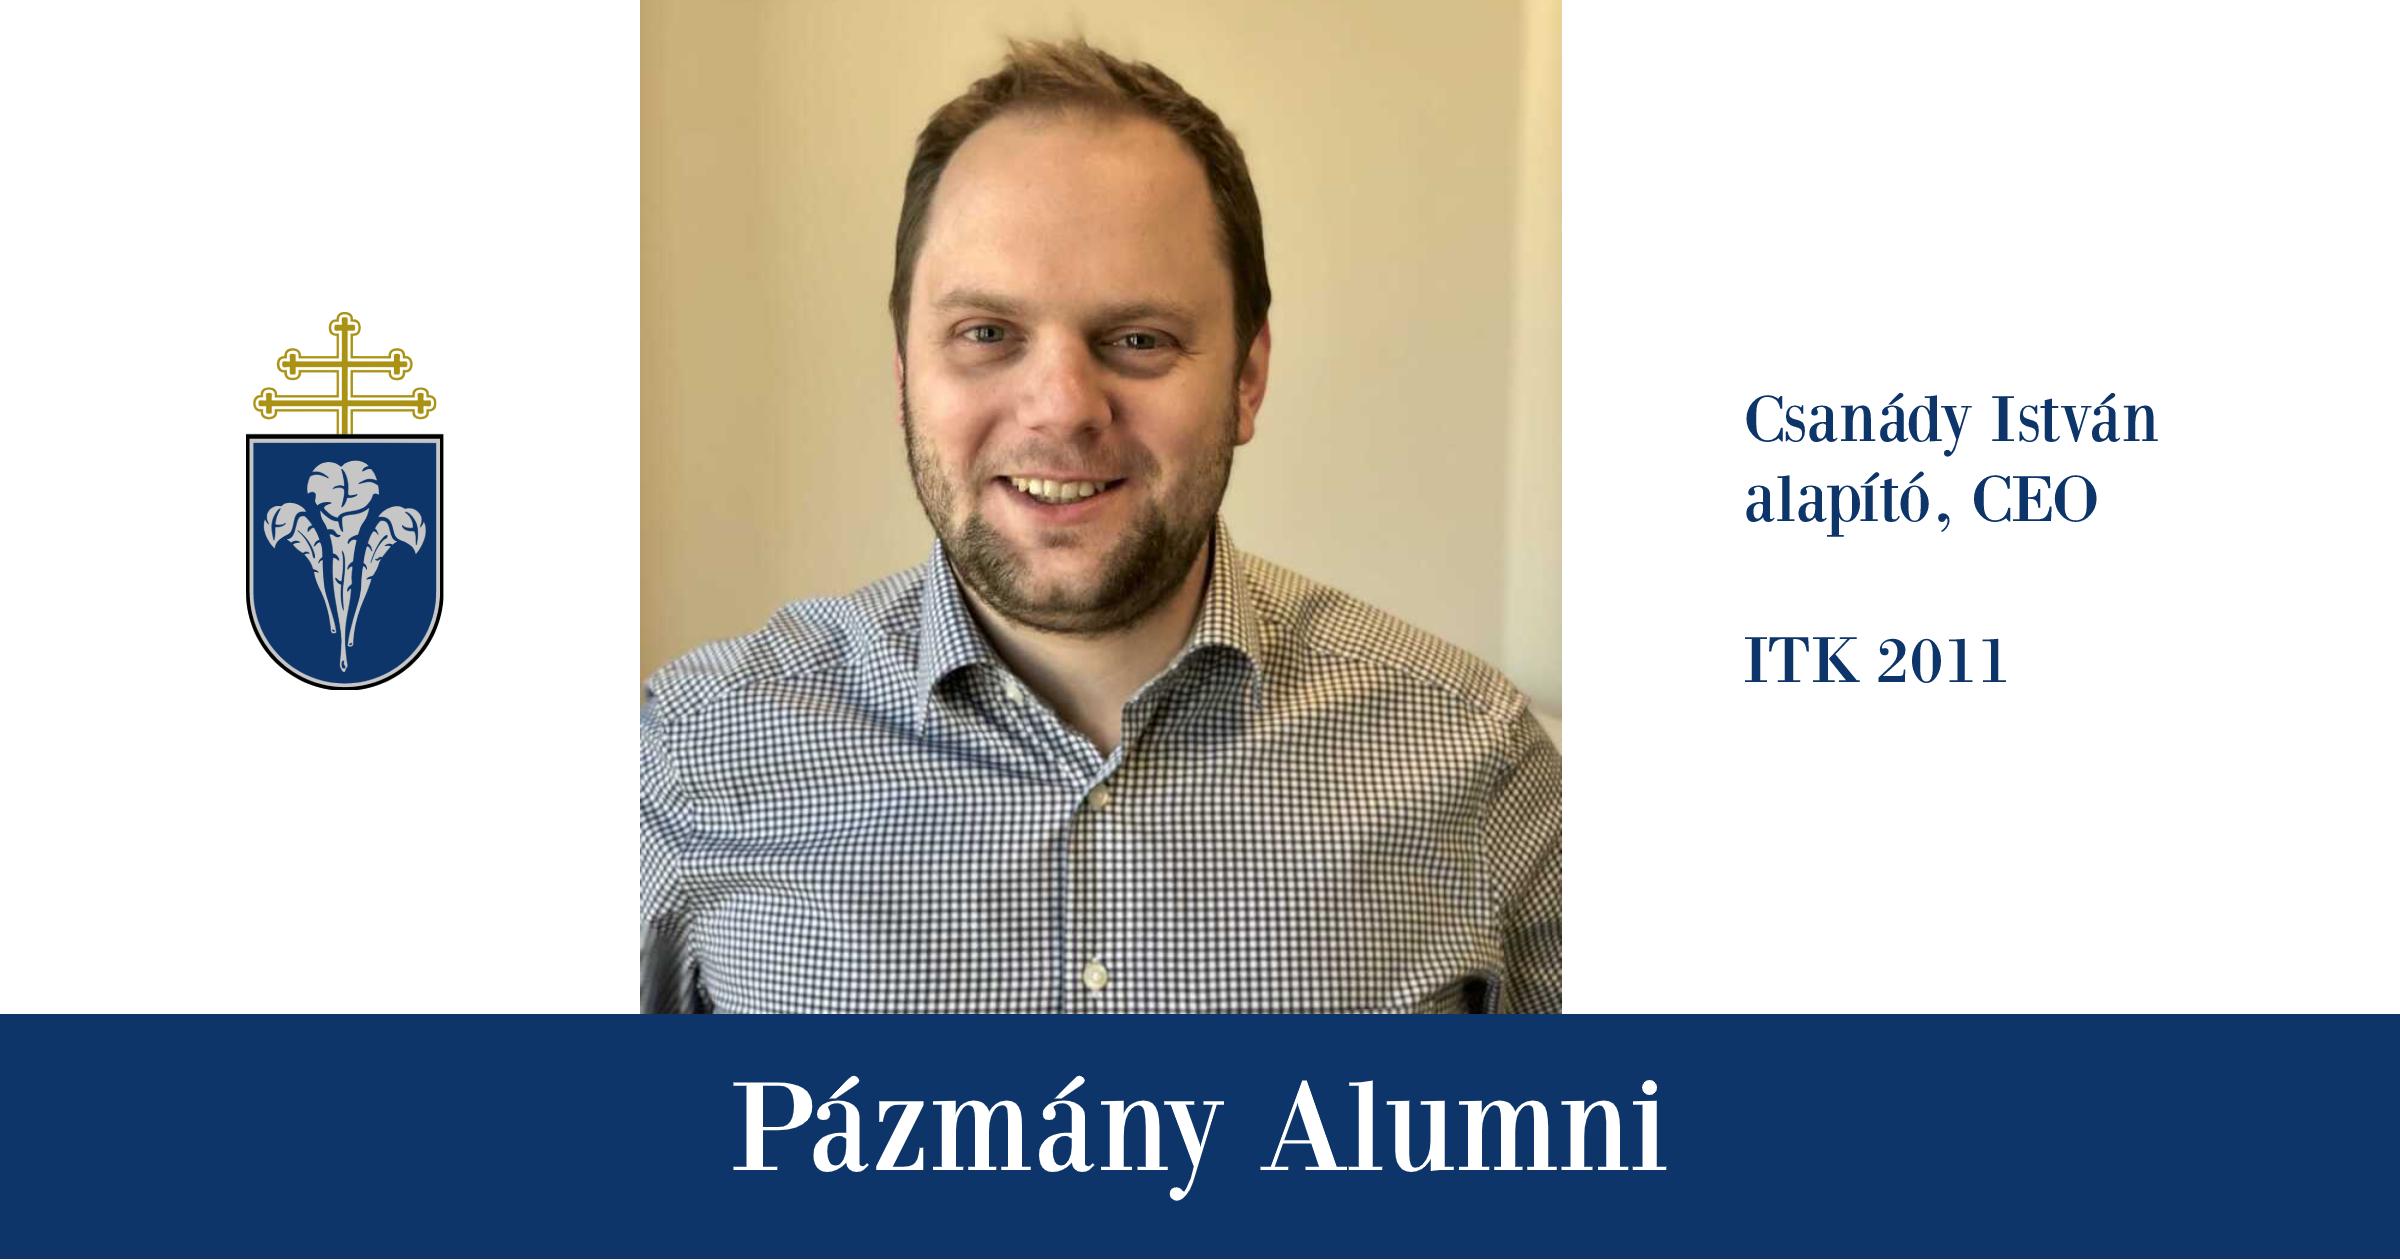 Pázmány Alumni: interjú Csanády Istvánnal, az ITK egykori hallgatójával